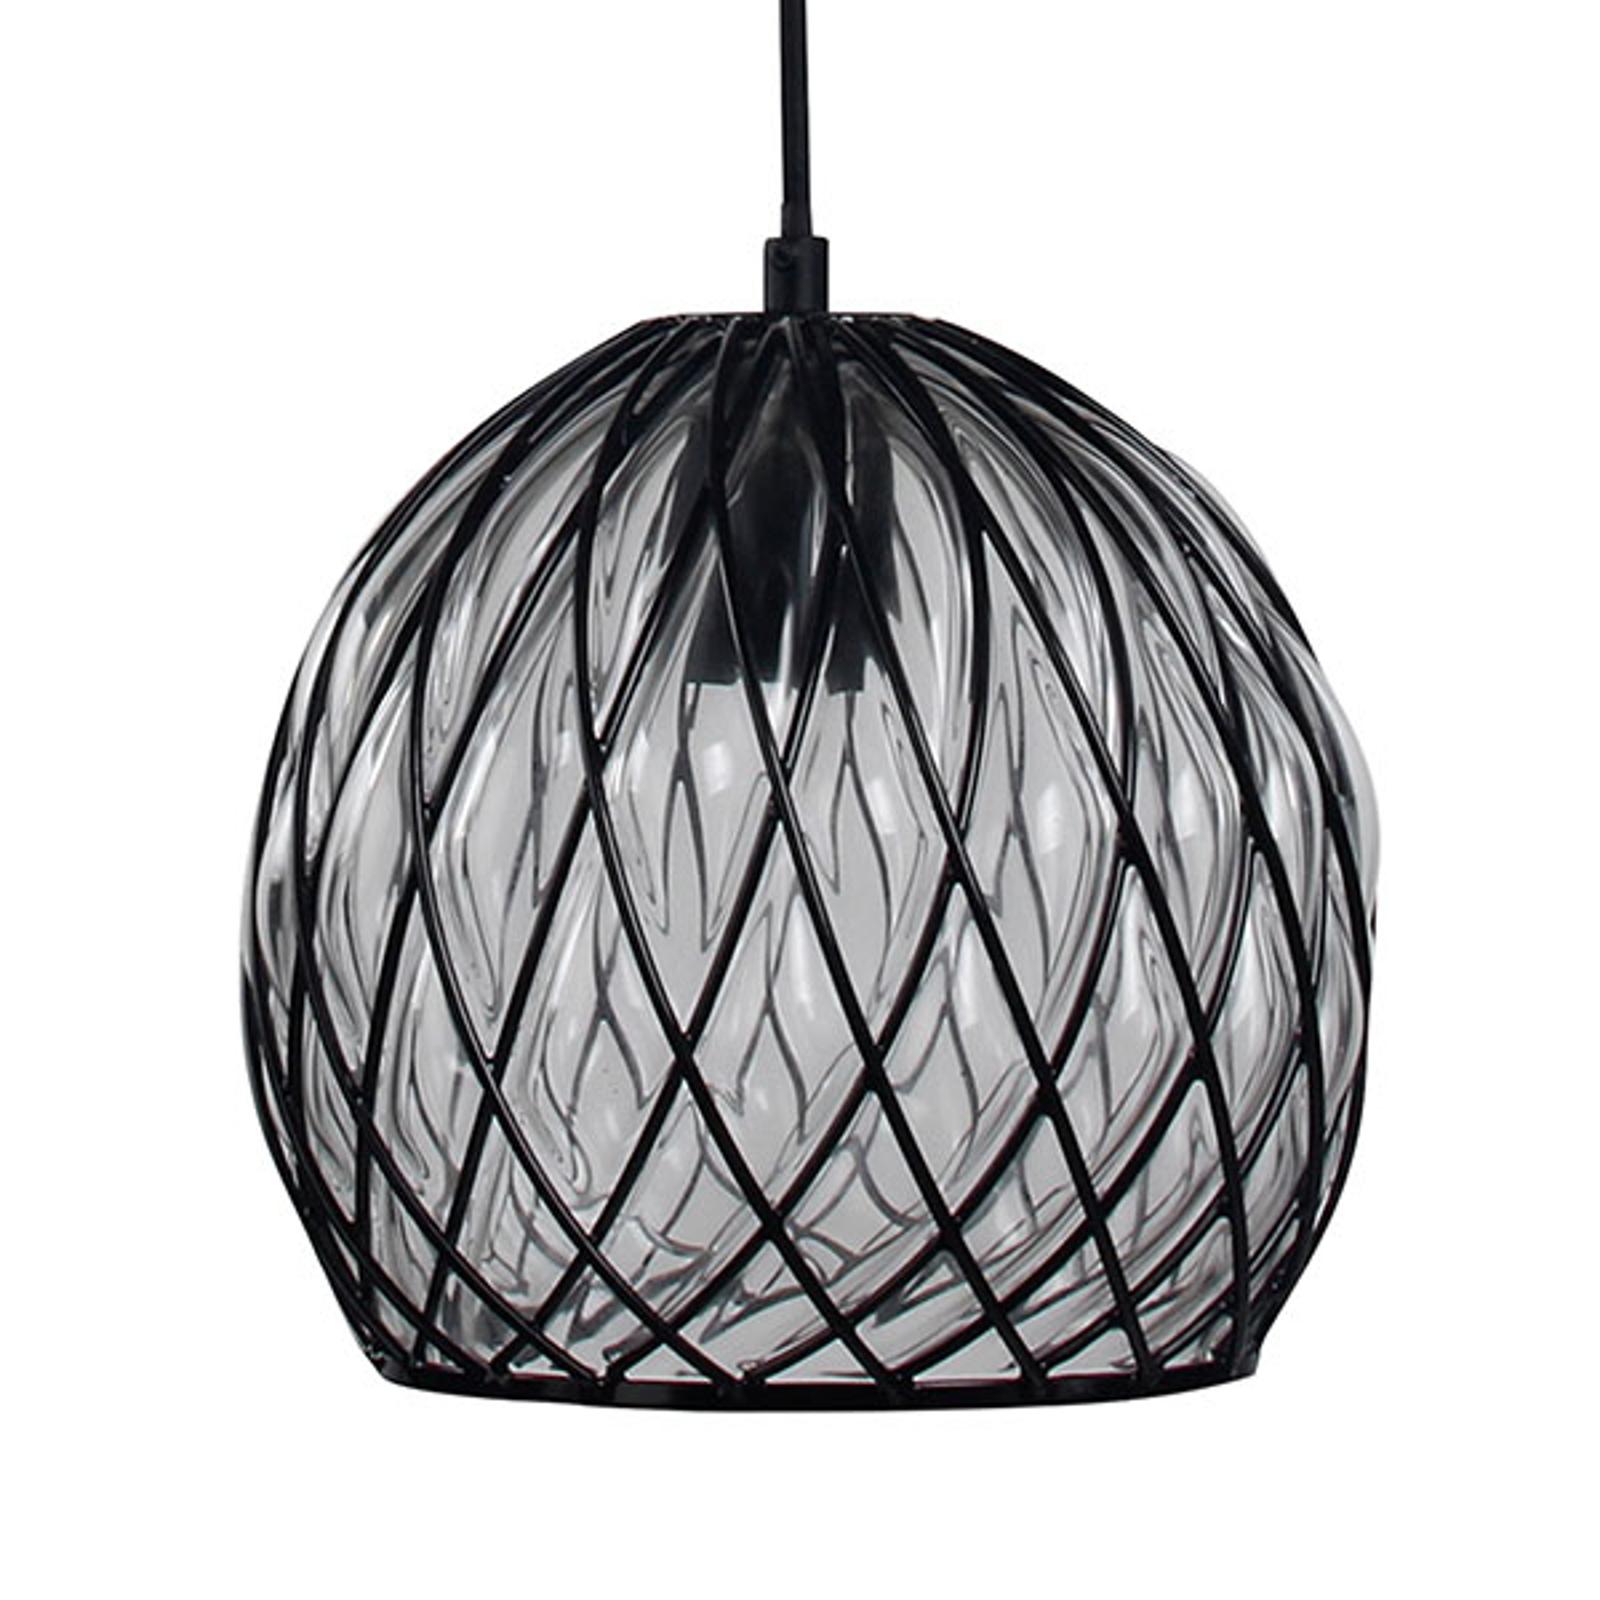 Glashänglampa Fiore med svart metallgaller